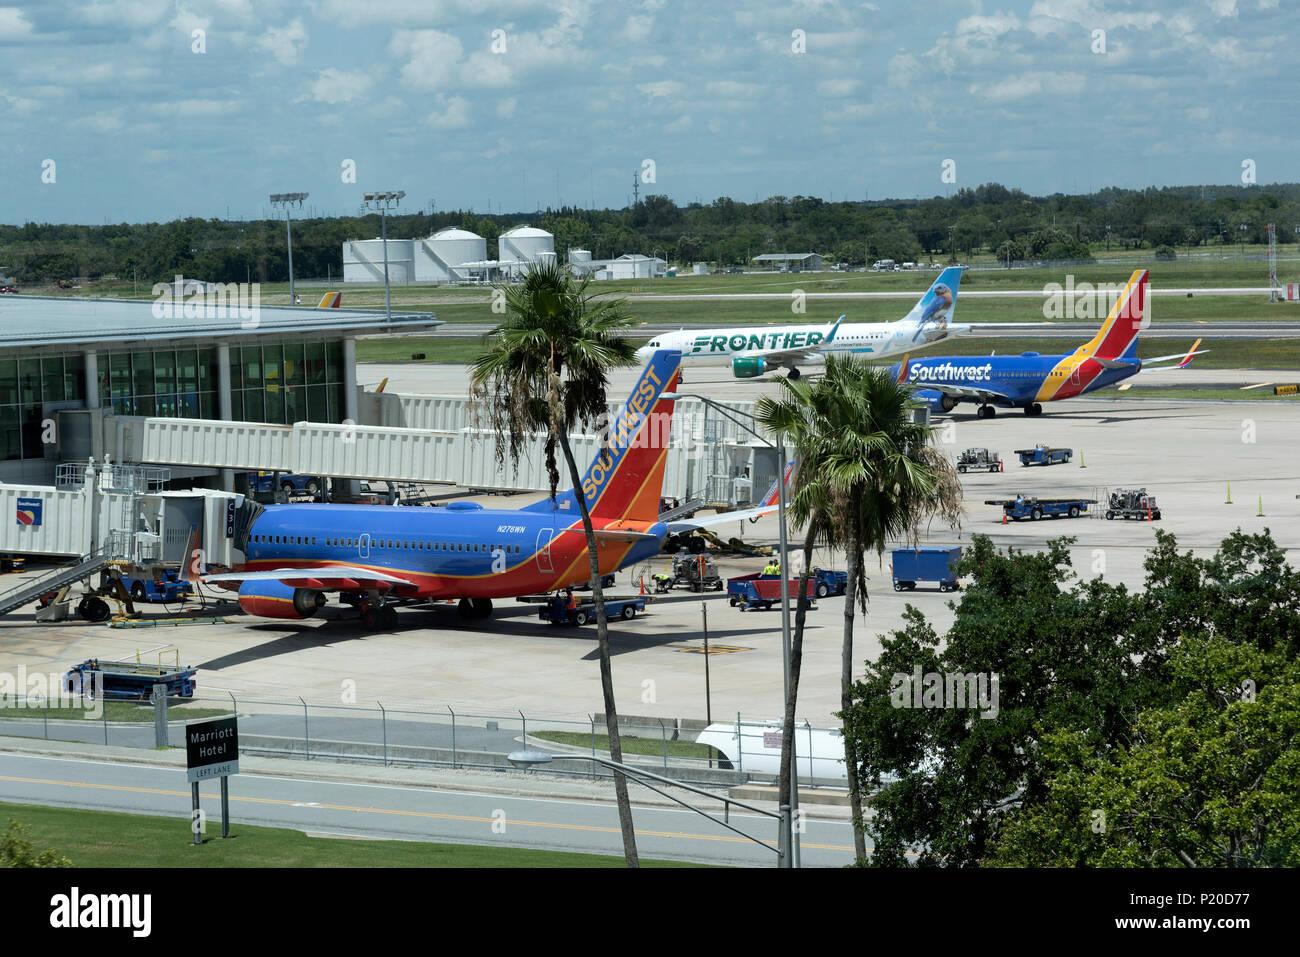 Zum Internationalen Flughafen Tampa, Florida, USA. 2018. Überblick über die Southwest Airline Terminal und Flugzeuge. Stockbild